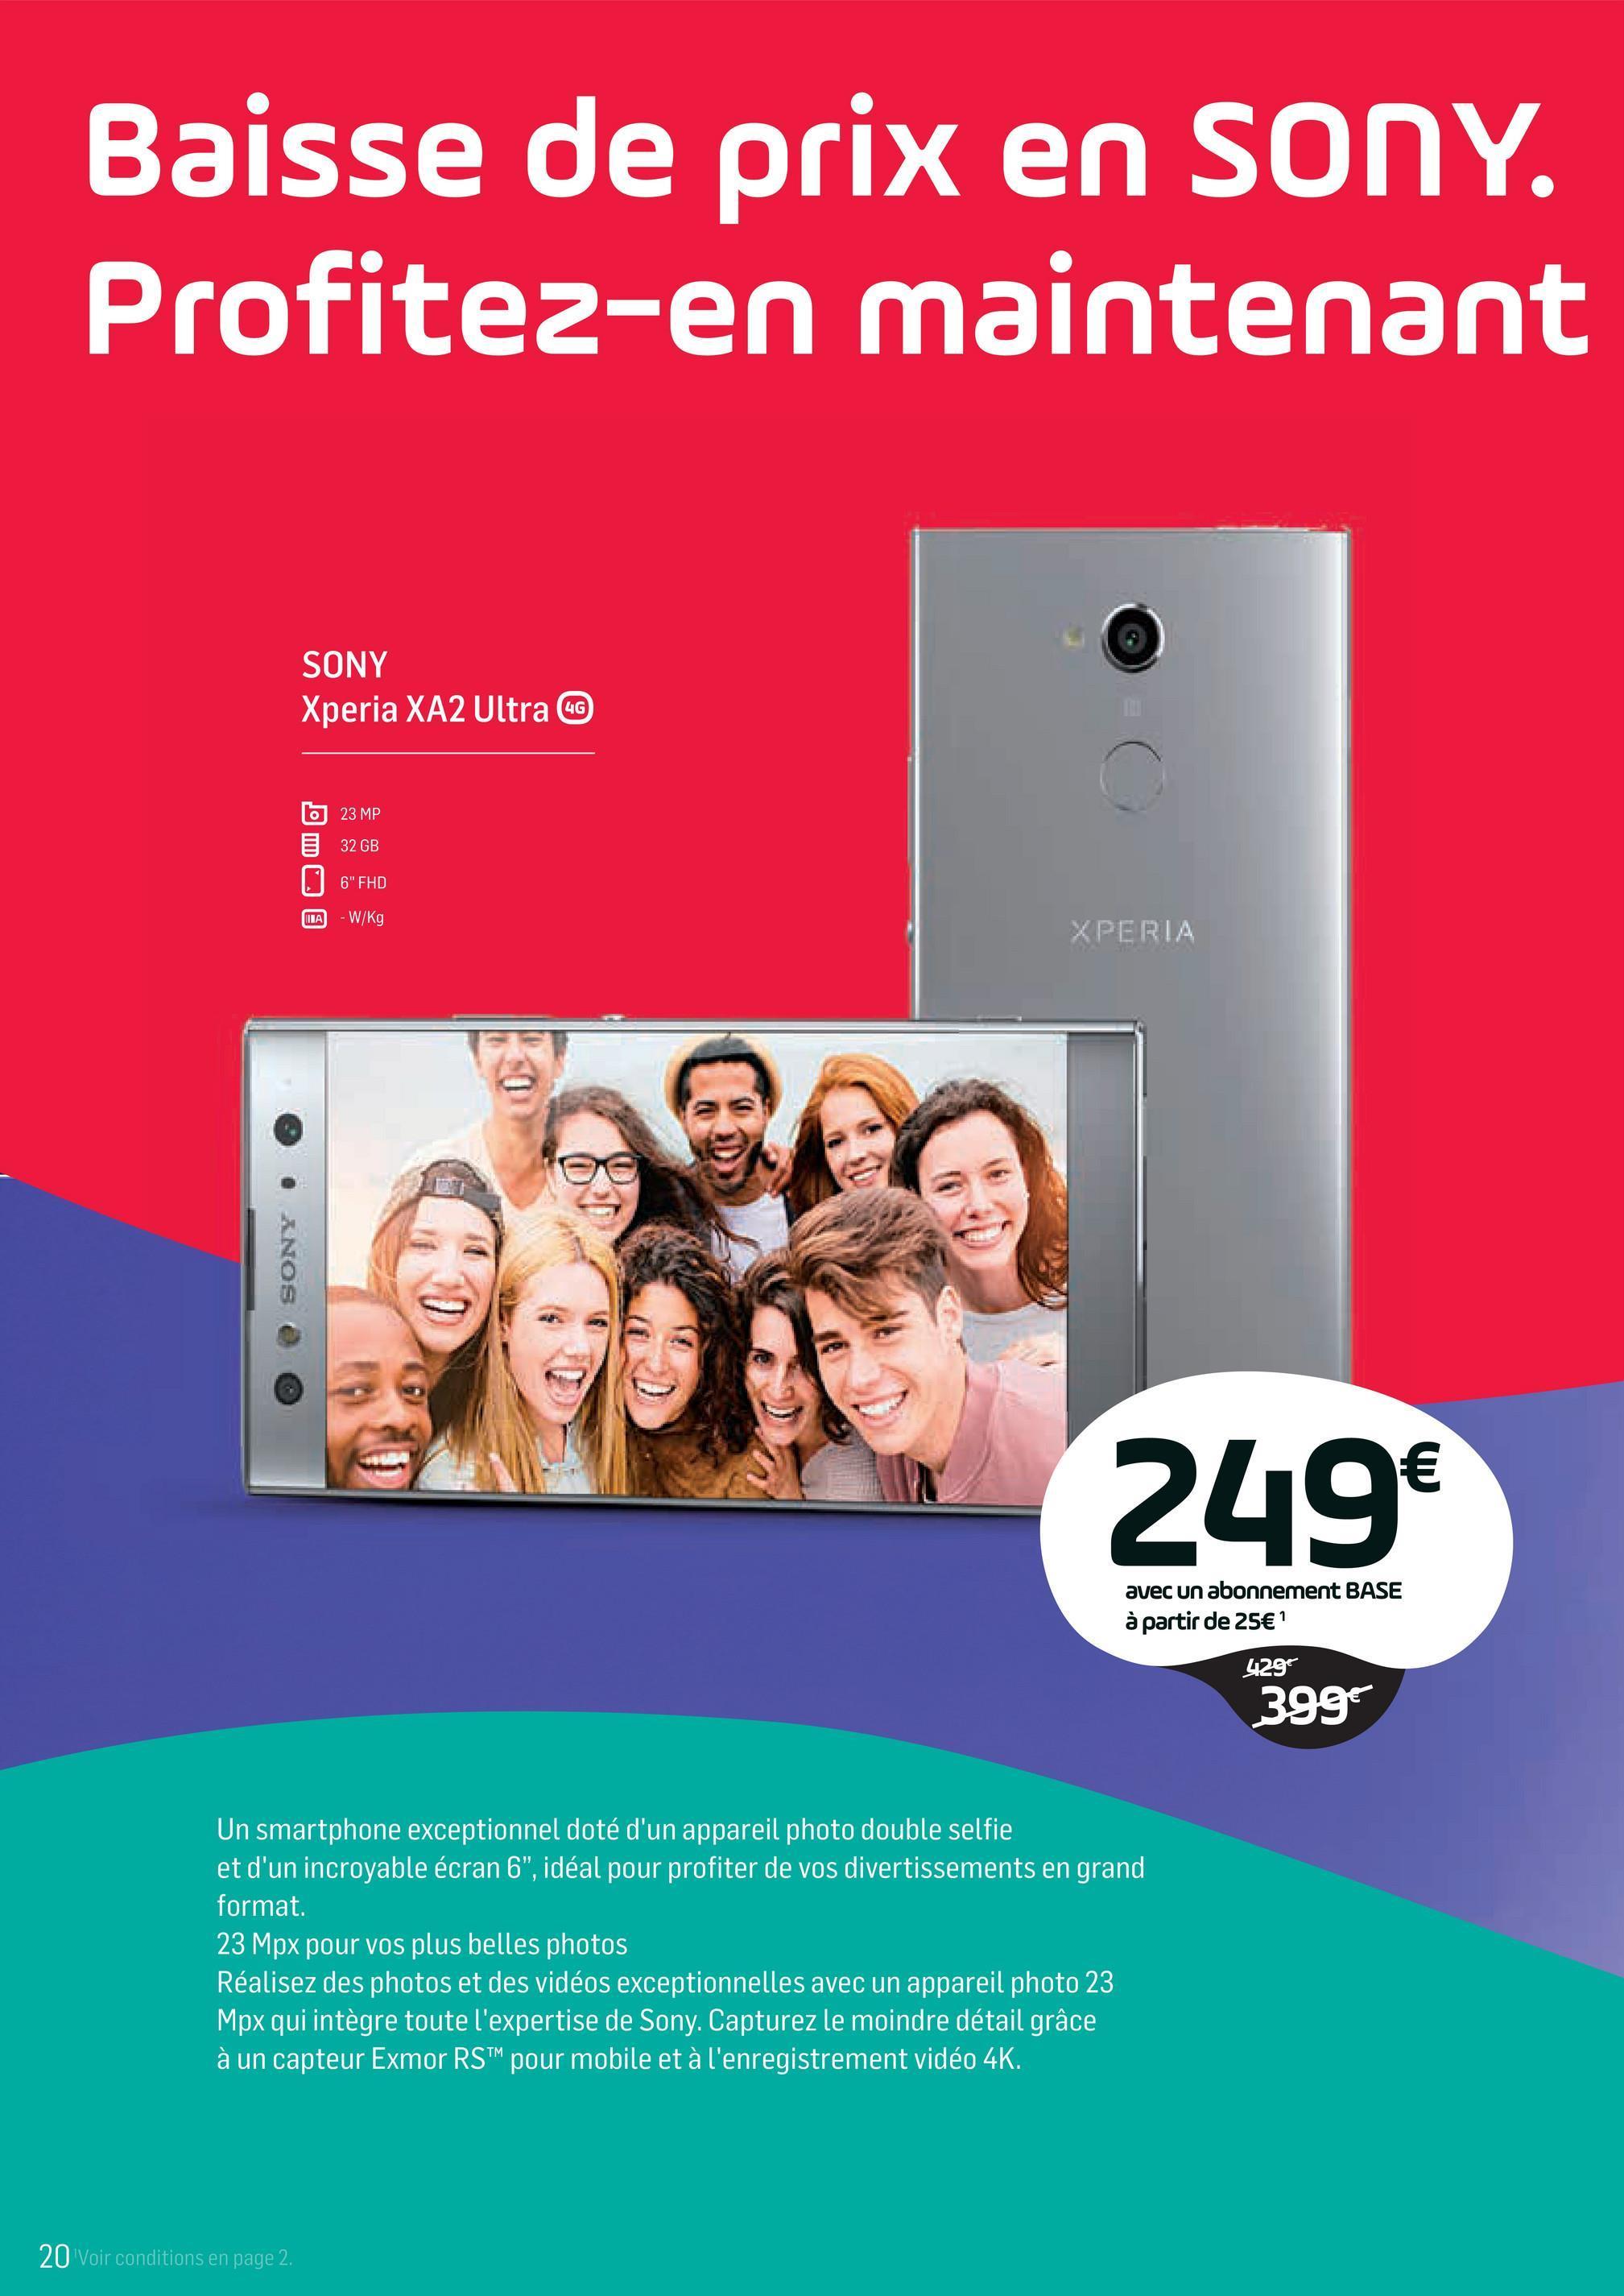 """Folder Base du 02/04/2018 au 01/05/2018 - Baisse de prix en SONY. Profitez-en maintenant SONY Xperia XA2 Ultra G 23 MP 32 GB 6"""" FHD - W/Kg XPERIA 9 . ANOS @ 249€ avec un abonnement BASE à partir de 25€ ' 429 3997 Un smartphone exceptionnel doté d'un appareil photo double selfie et d'un incroyable écran 6"""", idéal pour profiter de vos divertissements en grand format. 23 Mpx pour vos plus belles photos Réalisez des photos et des vidéos exceptionnelles avec un appareil photo 23 Mpx qui intègre toute l'expertise de Sony. Capturez le moindre détail grâce à un capteur Exmor RSTM pour mobile et à l'enregistrement vidéo 4K. 20 Voir conditions en page 2."""